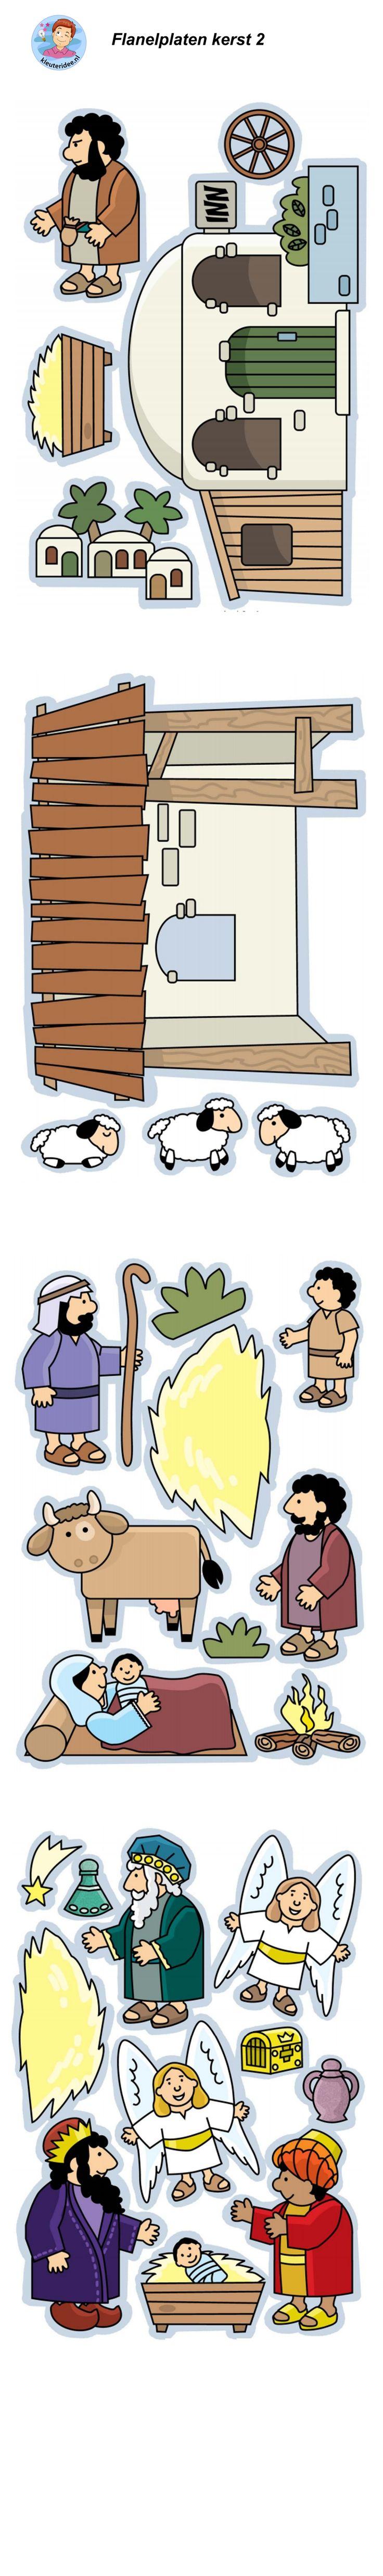 Kerst, de geboorte van Jezus, flanelplaten voor kleuters 2, kleuteridee.nl ,Christmas nativity, Flannel Bible Sheets, free printable